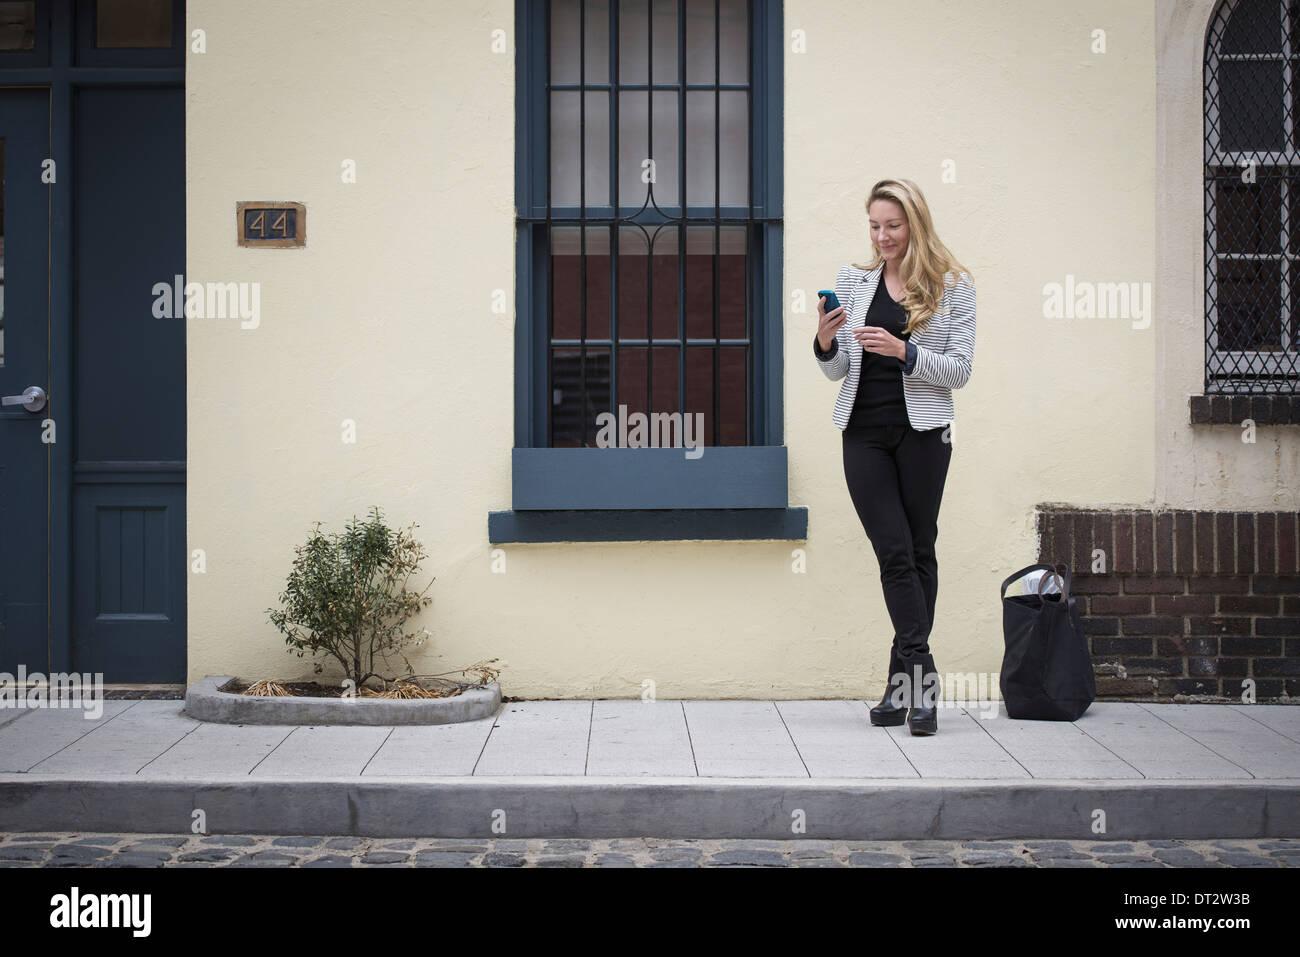 New York city la vie de la rue Les jeunes au printemps, une femme aux cheveux blonds debout sur un trottoir de la rue Photo Stock